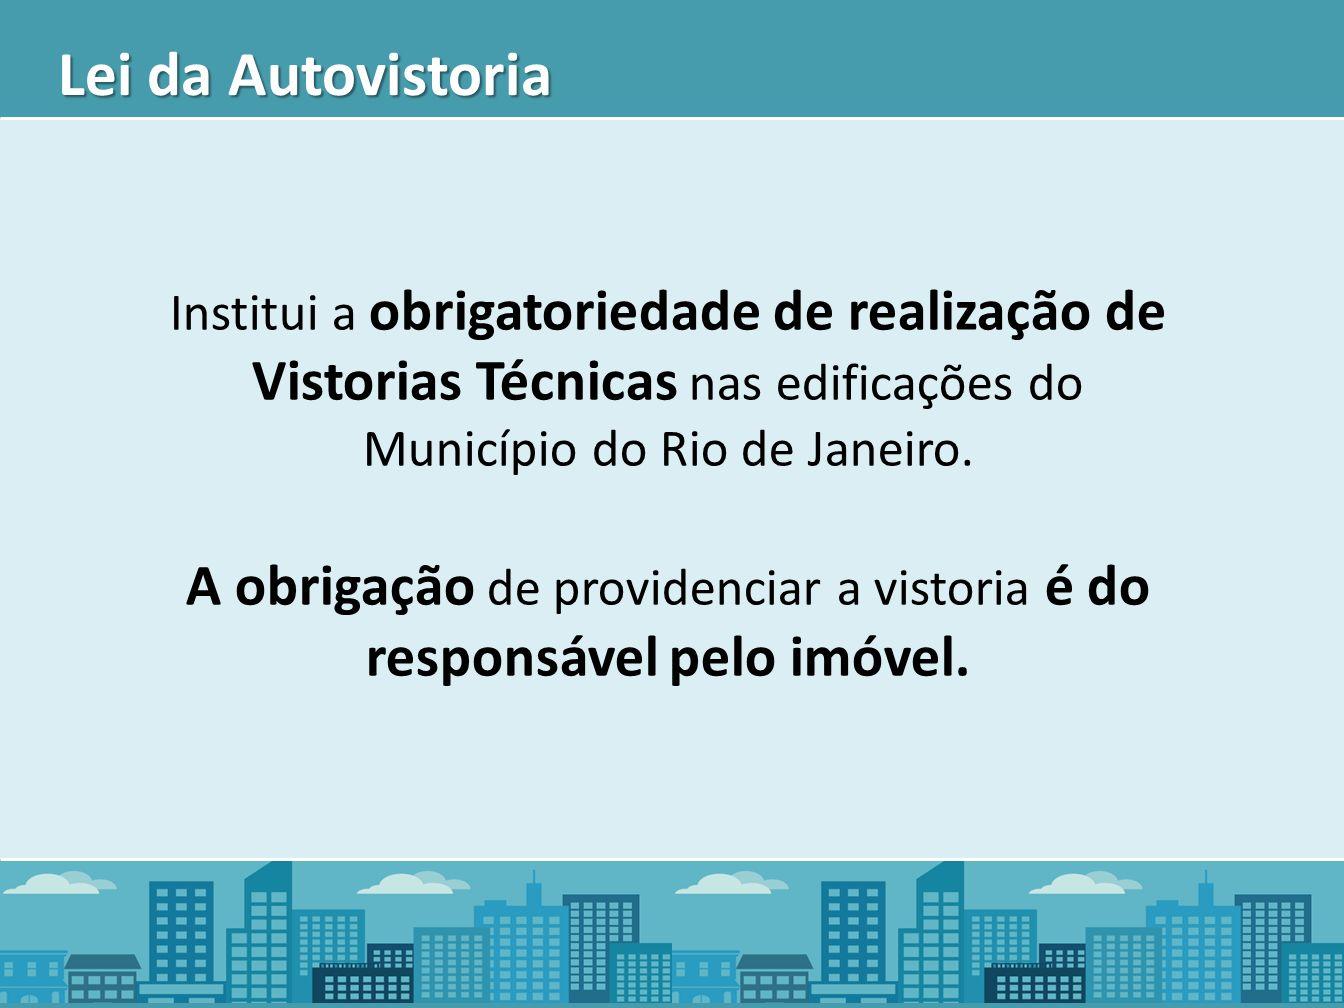 Institui a obrigatoriedade de realização de Vistorias Técnicas nas edificações do Município do Rio de Janeiro. A obrigação de providenciar a vistoria